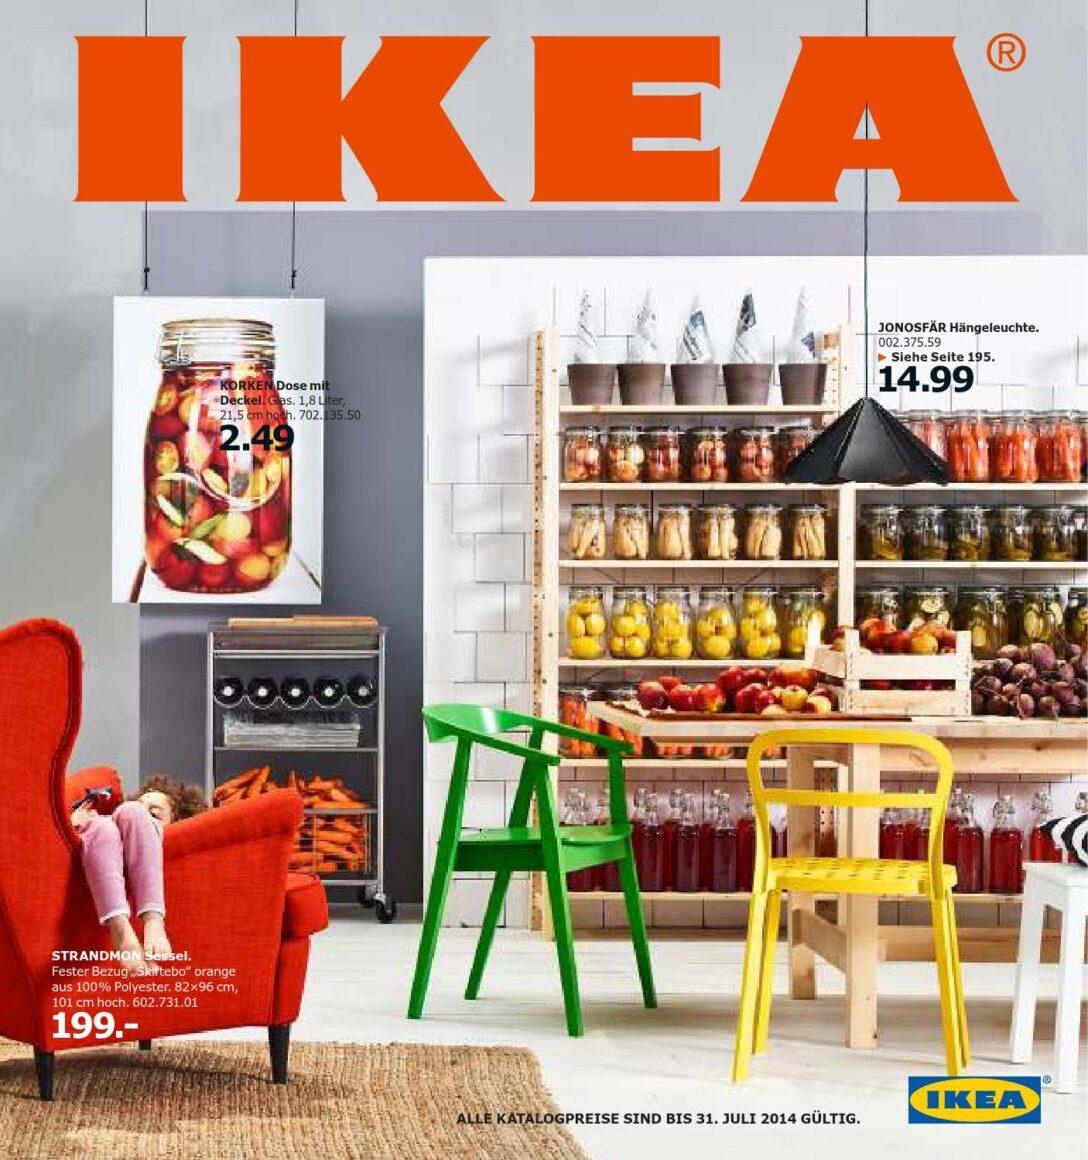 Large Size of Ikea Deutschland Katalog 2013 2014 By Promoprospektede Küche Kosten Miniküche Modulküche Sofa Mit Schlaffunktion Kaufen Betten Bei Stengel Wohnzimmer Ikea Värde Miniküche